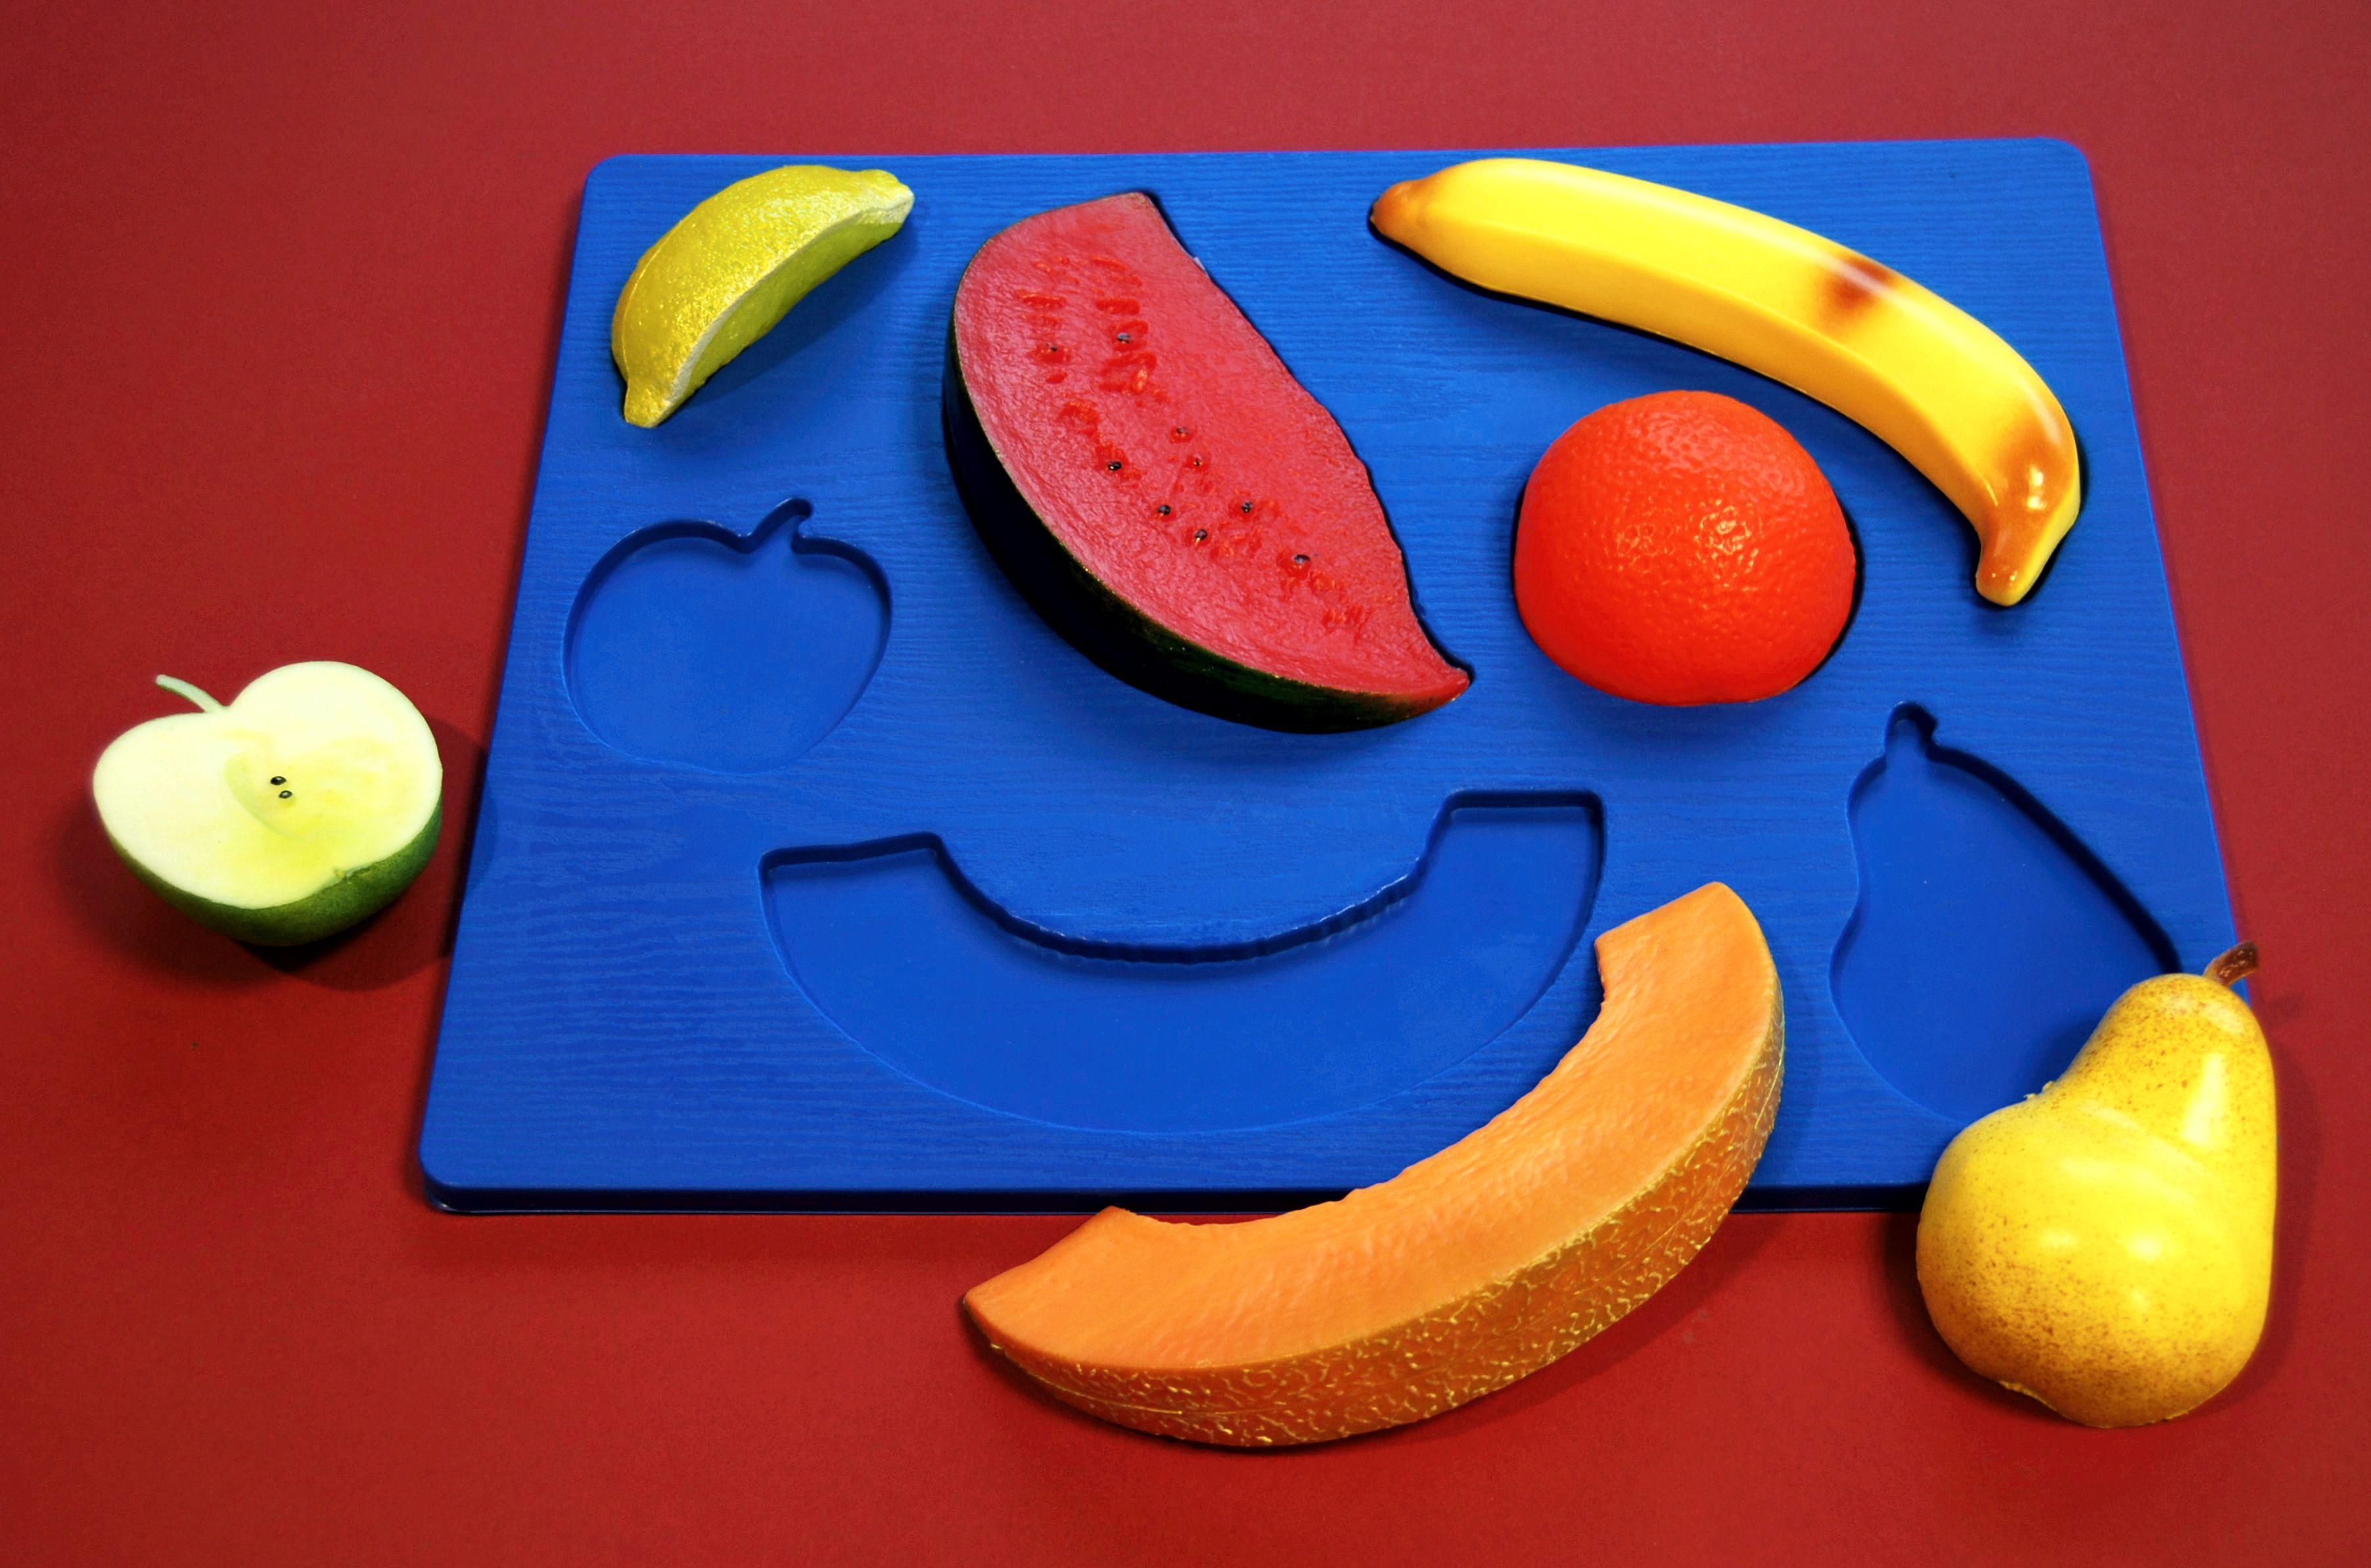 Image de présentation du jeu Encastrement fruits 3D  - cliquez pour agrandir